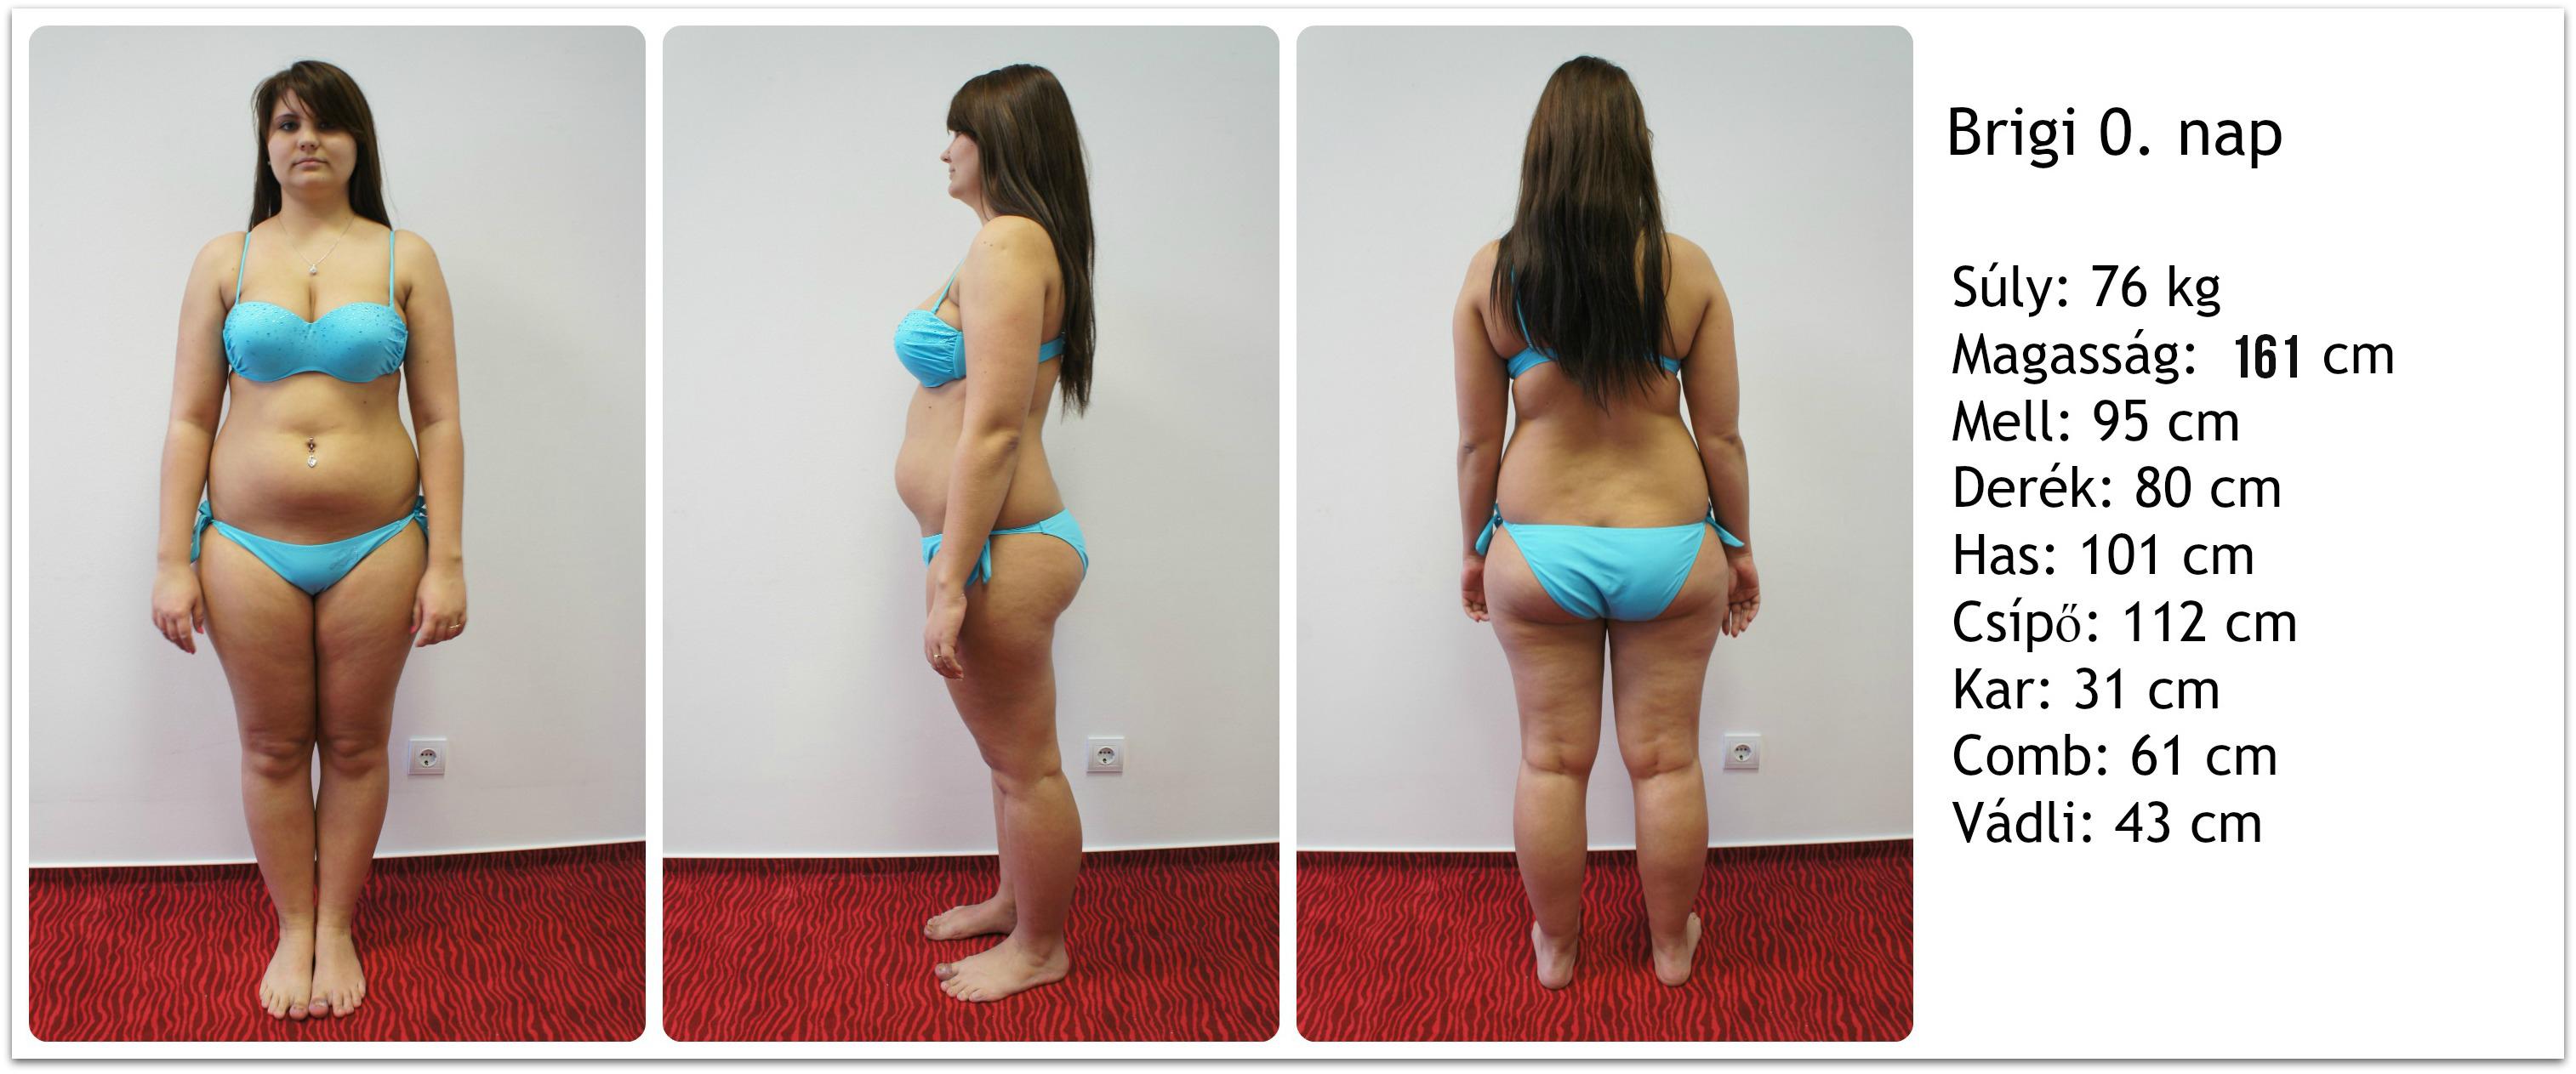 Hogyan lehet nőt lefogyni Hogyan lehet elveszíteni 10 kg testzsírt